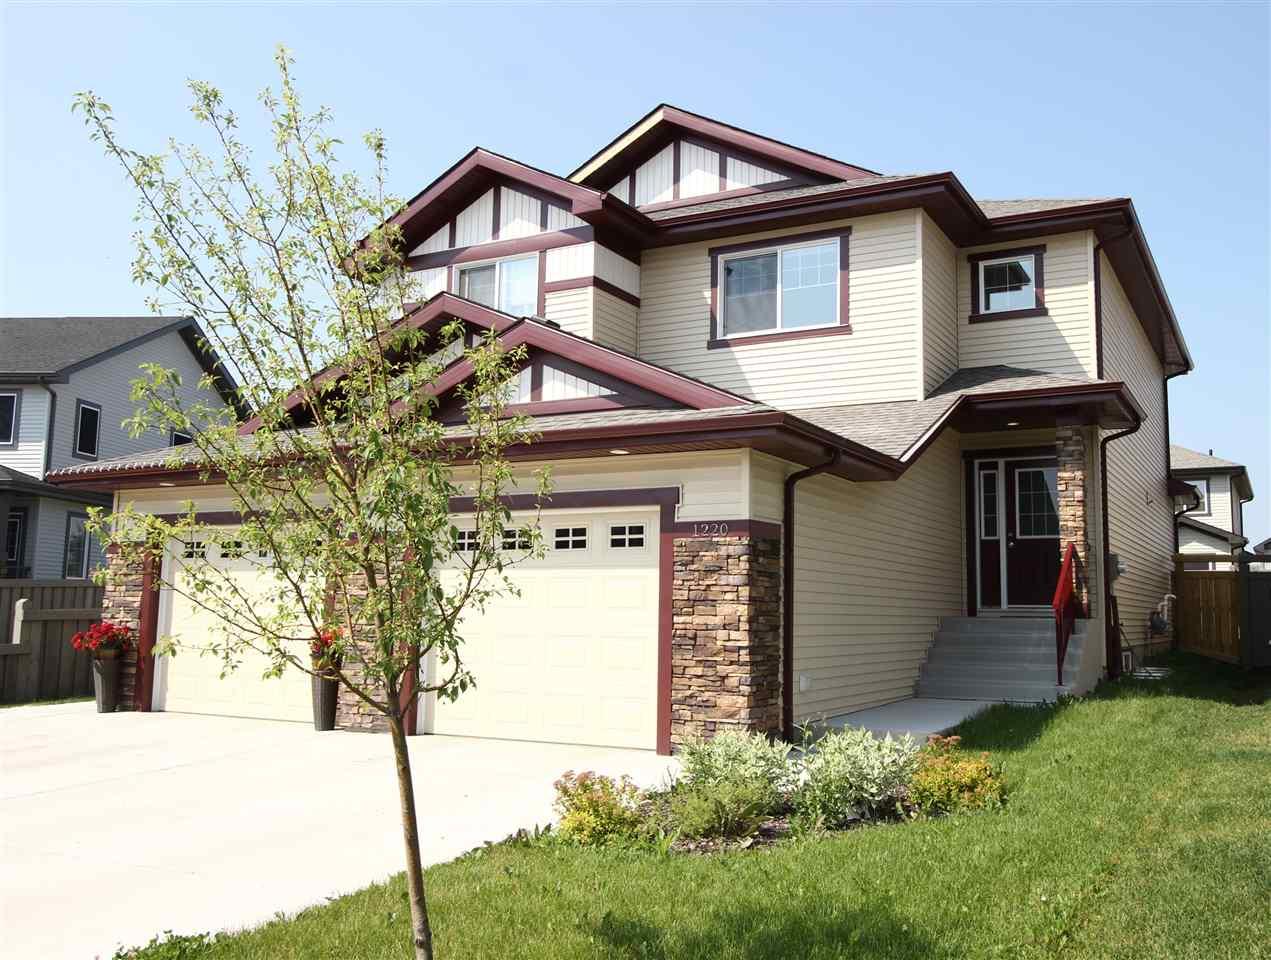 1220 176 Street, Edmonton, AB T6W 2J8